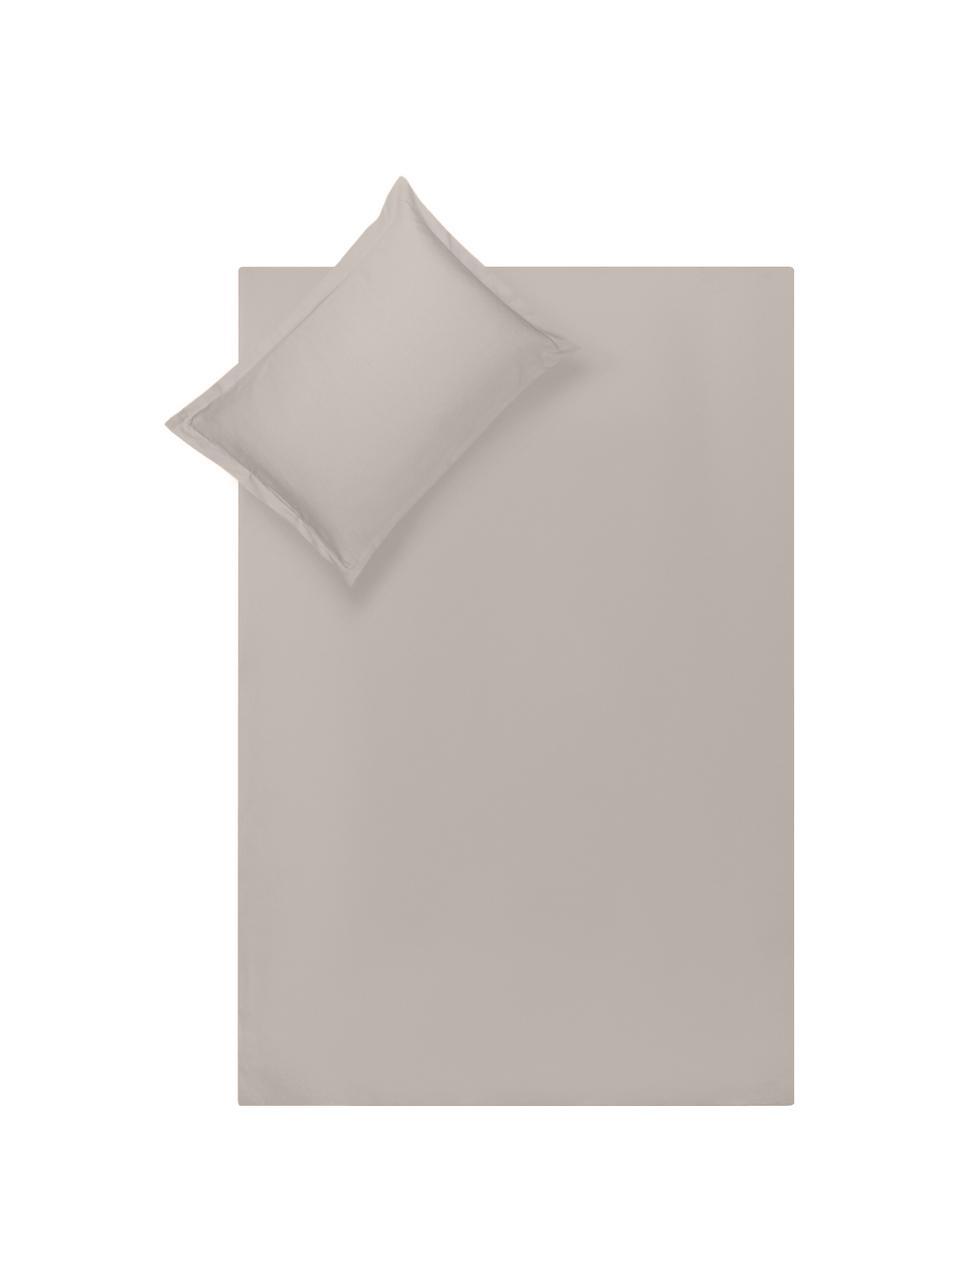 Parure copripiumino in raso di cotone taupe Premium, Tessuto: raso, leggermente lucido, Taupe, 155 x 200 cm